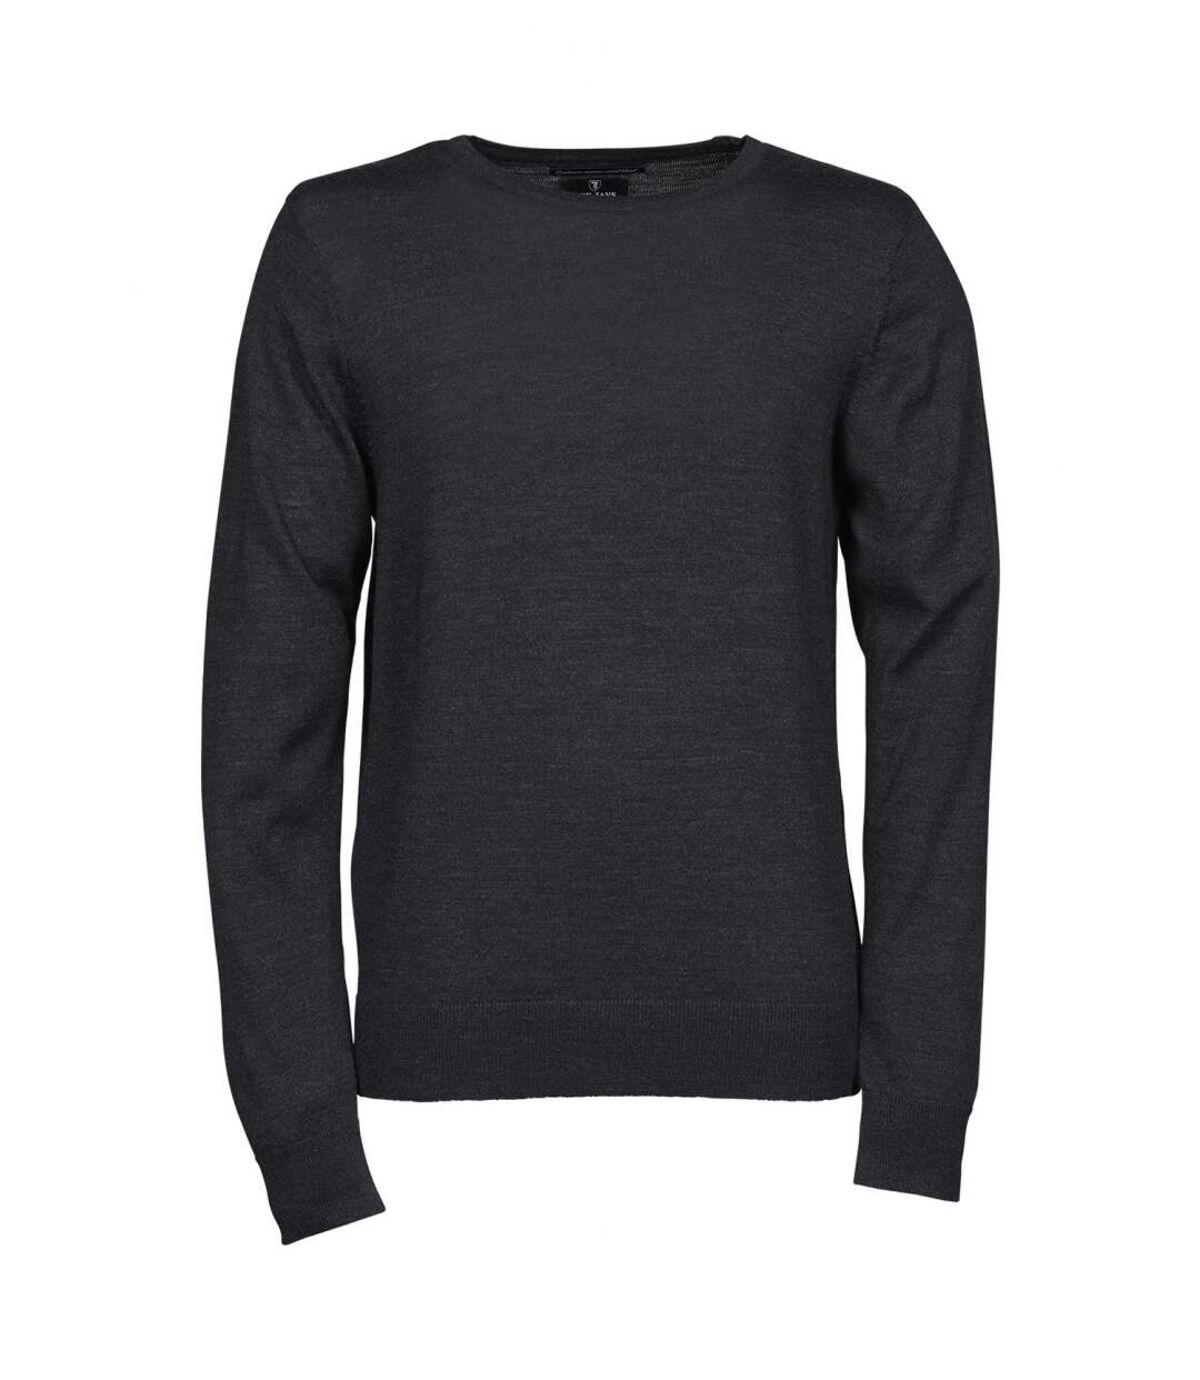 Pull classique laine col rond - HOMME - 6000 - gris foncé